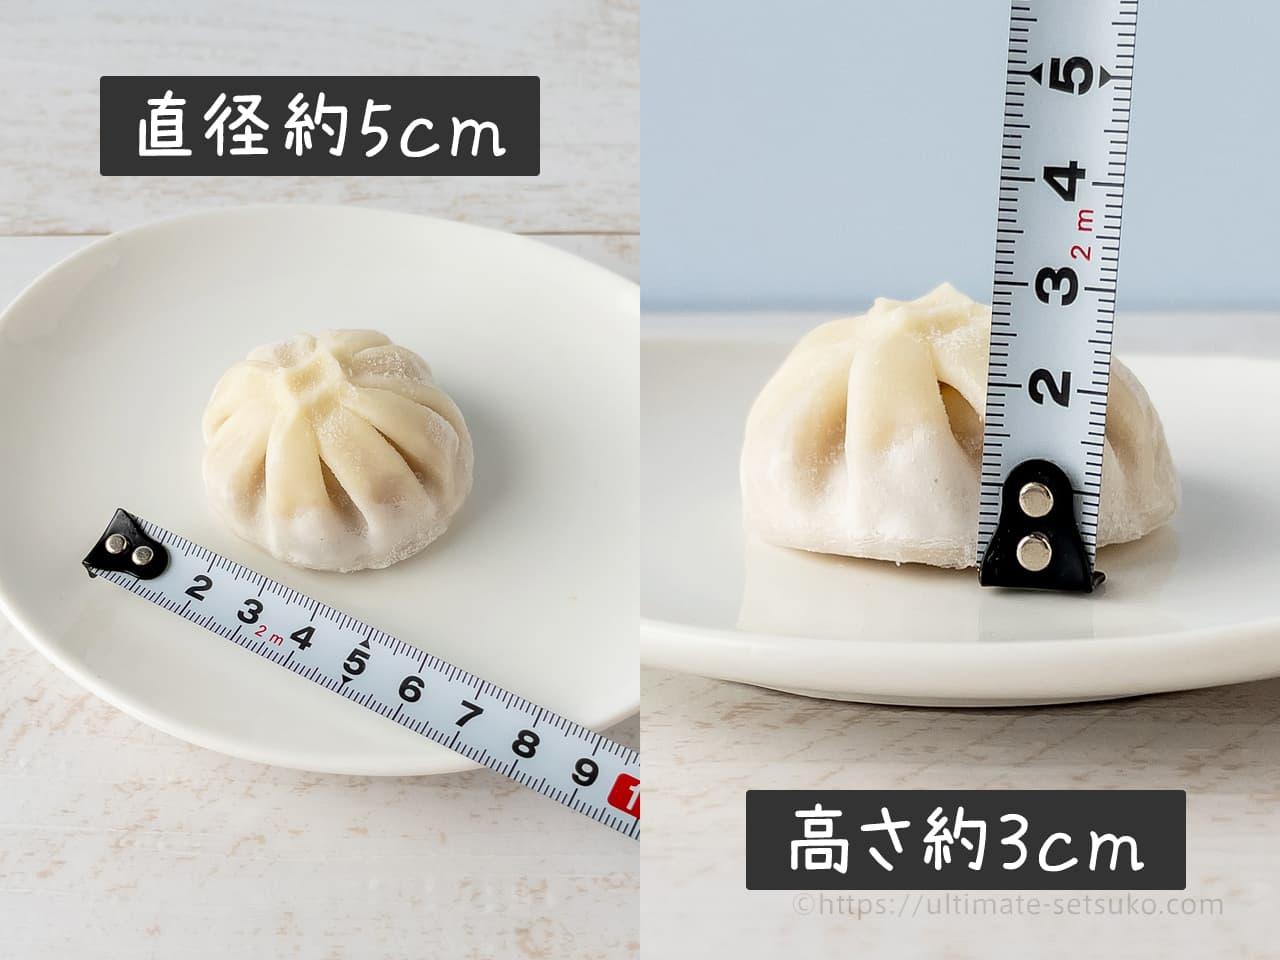 CHUTAKA 小籠包(しょうろんぽう)